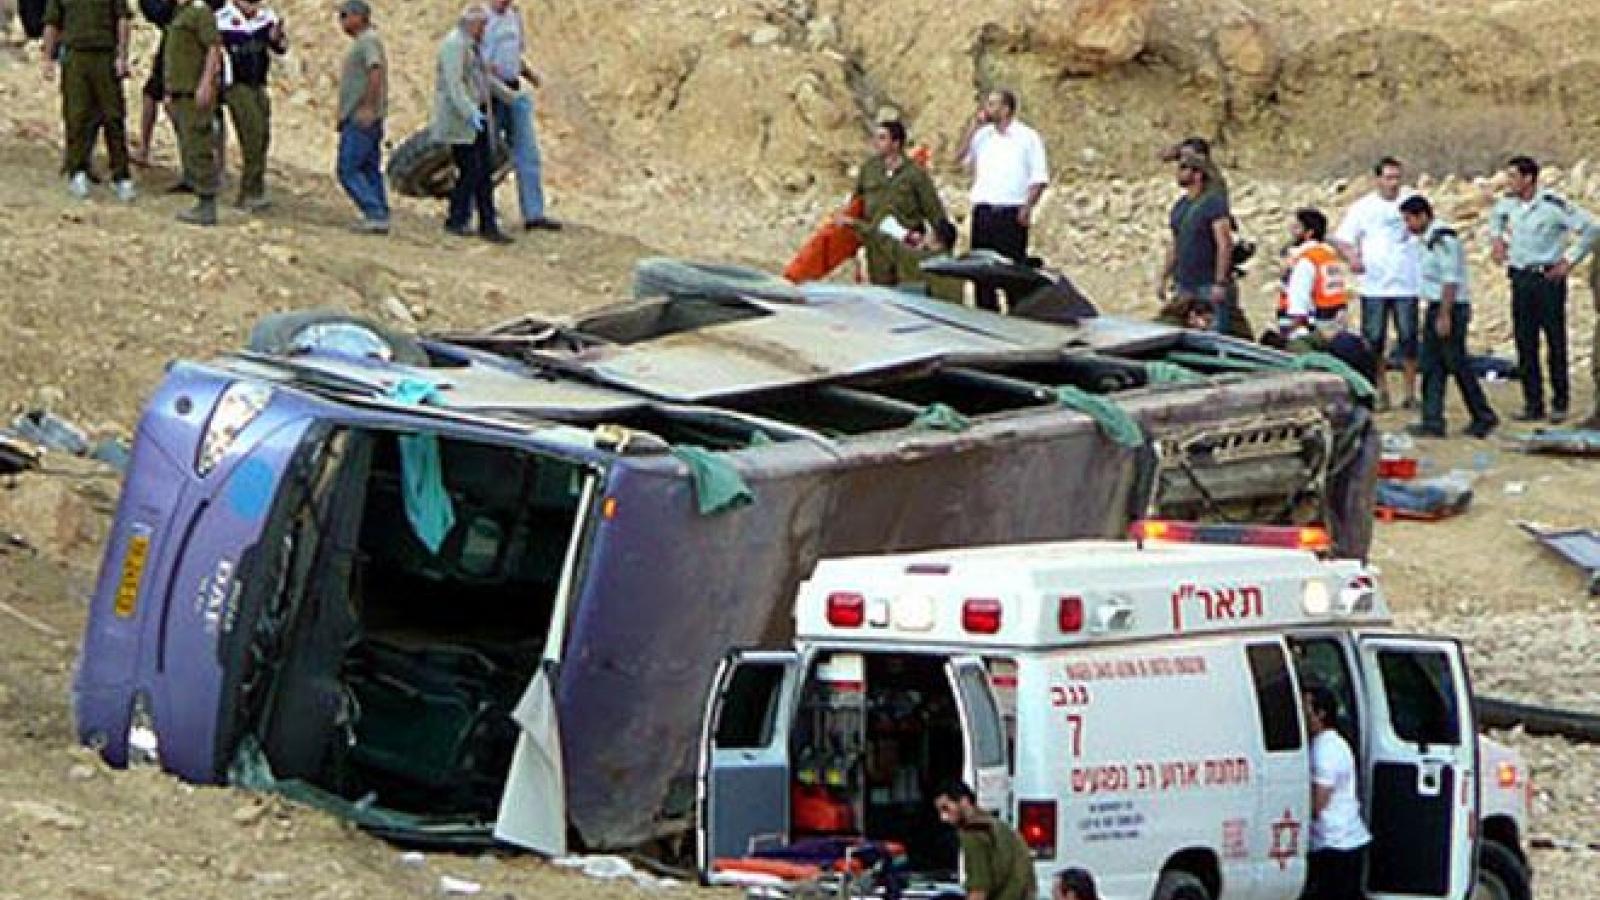 Tai nạn giao thông nghiêm trọng tại Ai Cập, 50 người thương vong